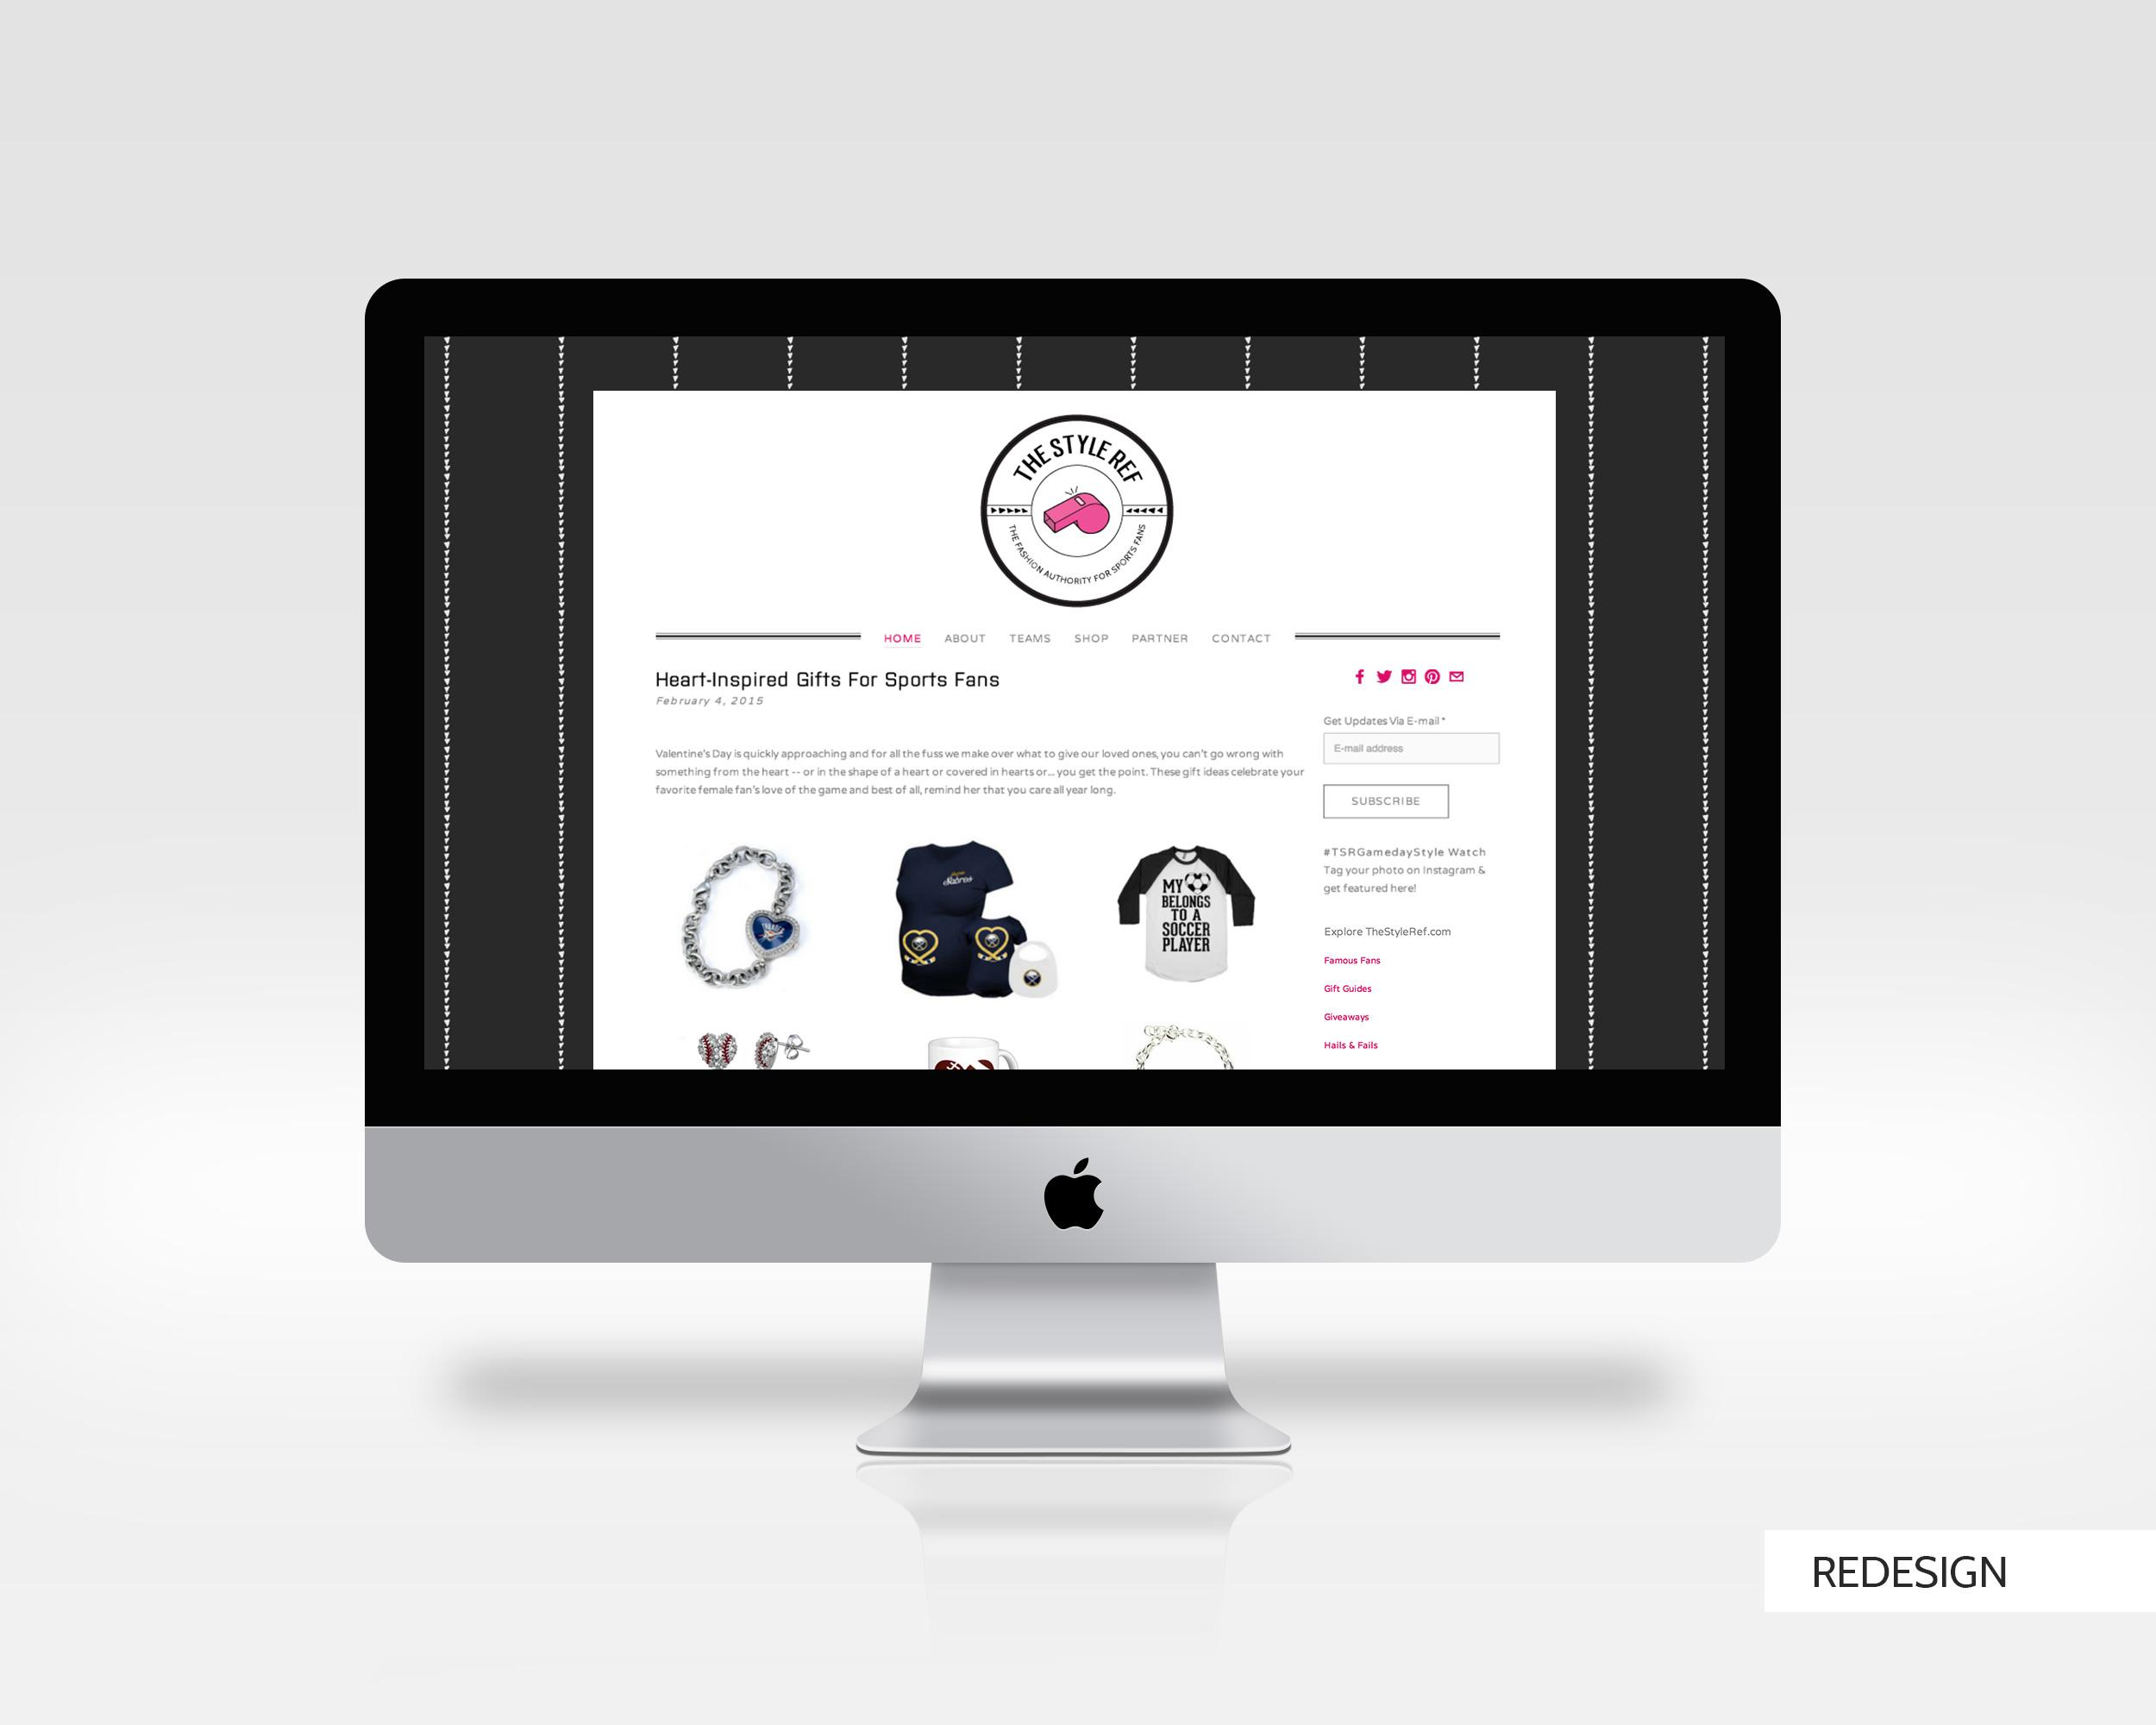 TSR-iMac-mockup-redo.jpg